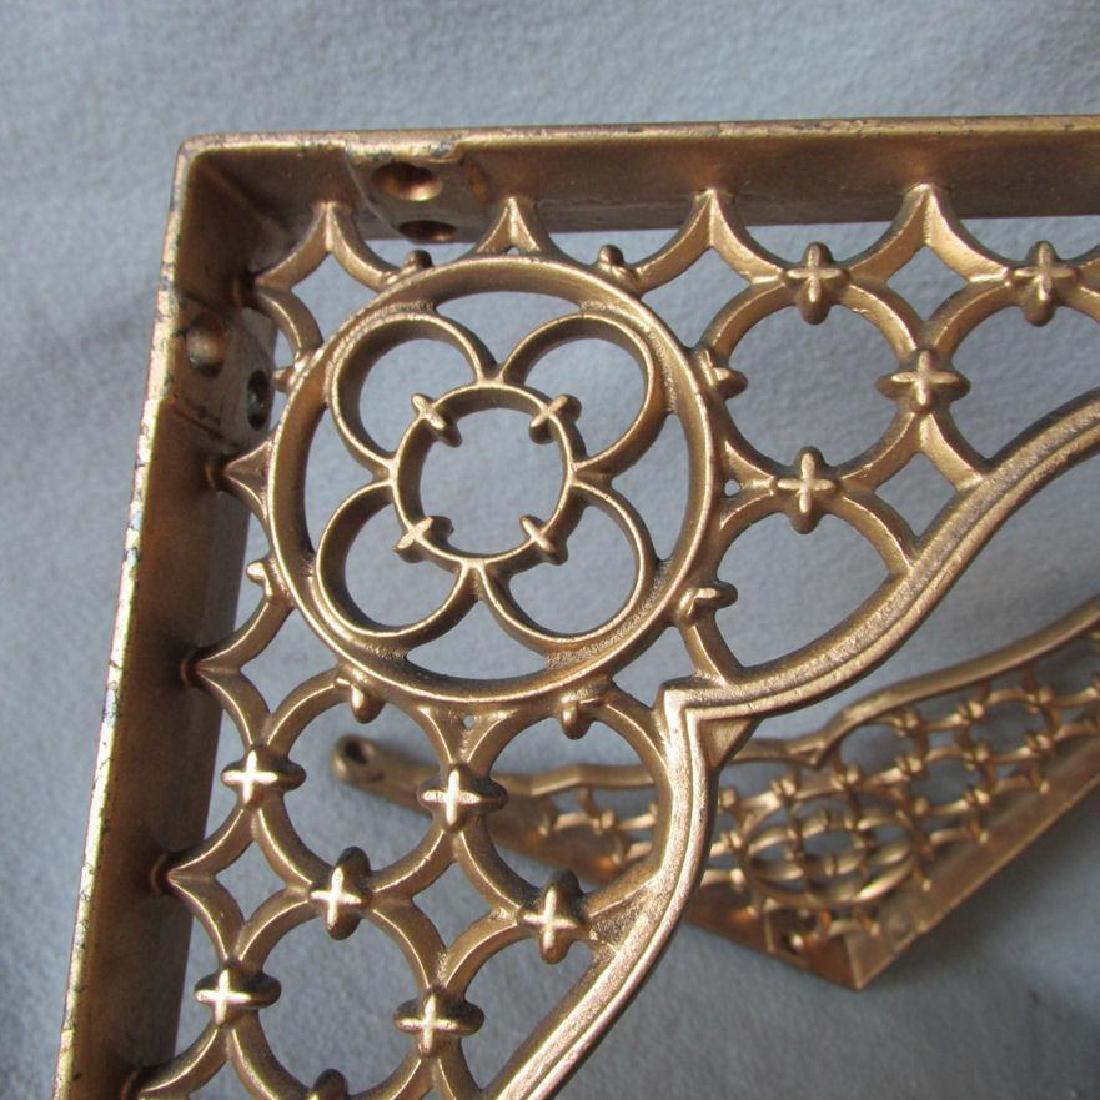 19thC Victorian Gothic Cast Iron Architectural Brackets - 2